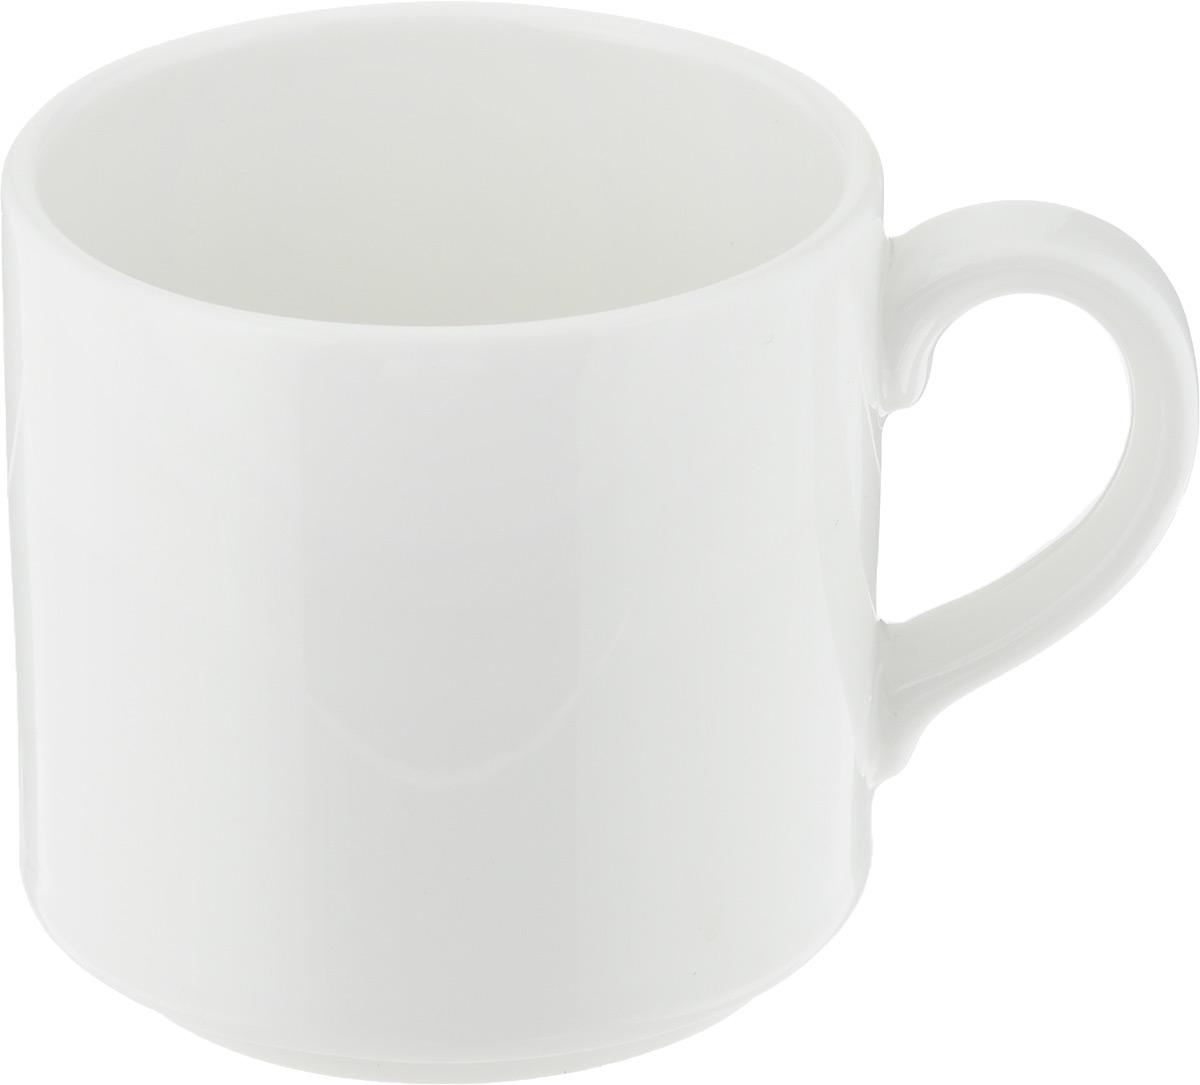 Чашка чайная Ariane Прайм, 200 млAPRARN41020Чашка Ariane Прайм выполнена из высококачественного фарфора с глазурованным покрытием. Изделие оснащено удобной ручкой. Изысканная чашка прекрасно оформит стол к чаепитию и станет его неизменным атрибутом. Можно мыть в посудомоечной машине и использовать в СВЧ.Диаметр чашки (по верхнему краю): 7,5 см.Высота чашки: 7 см.